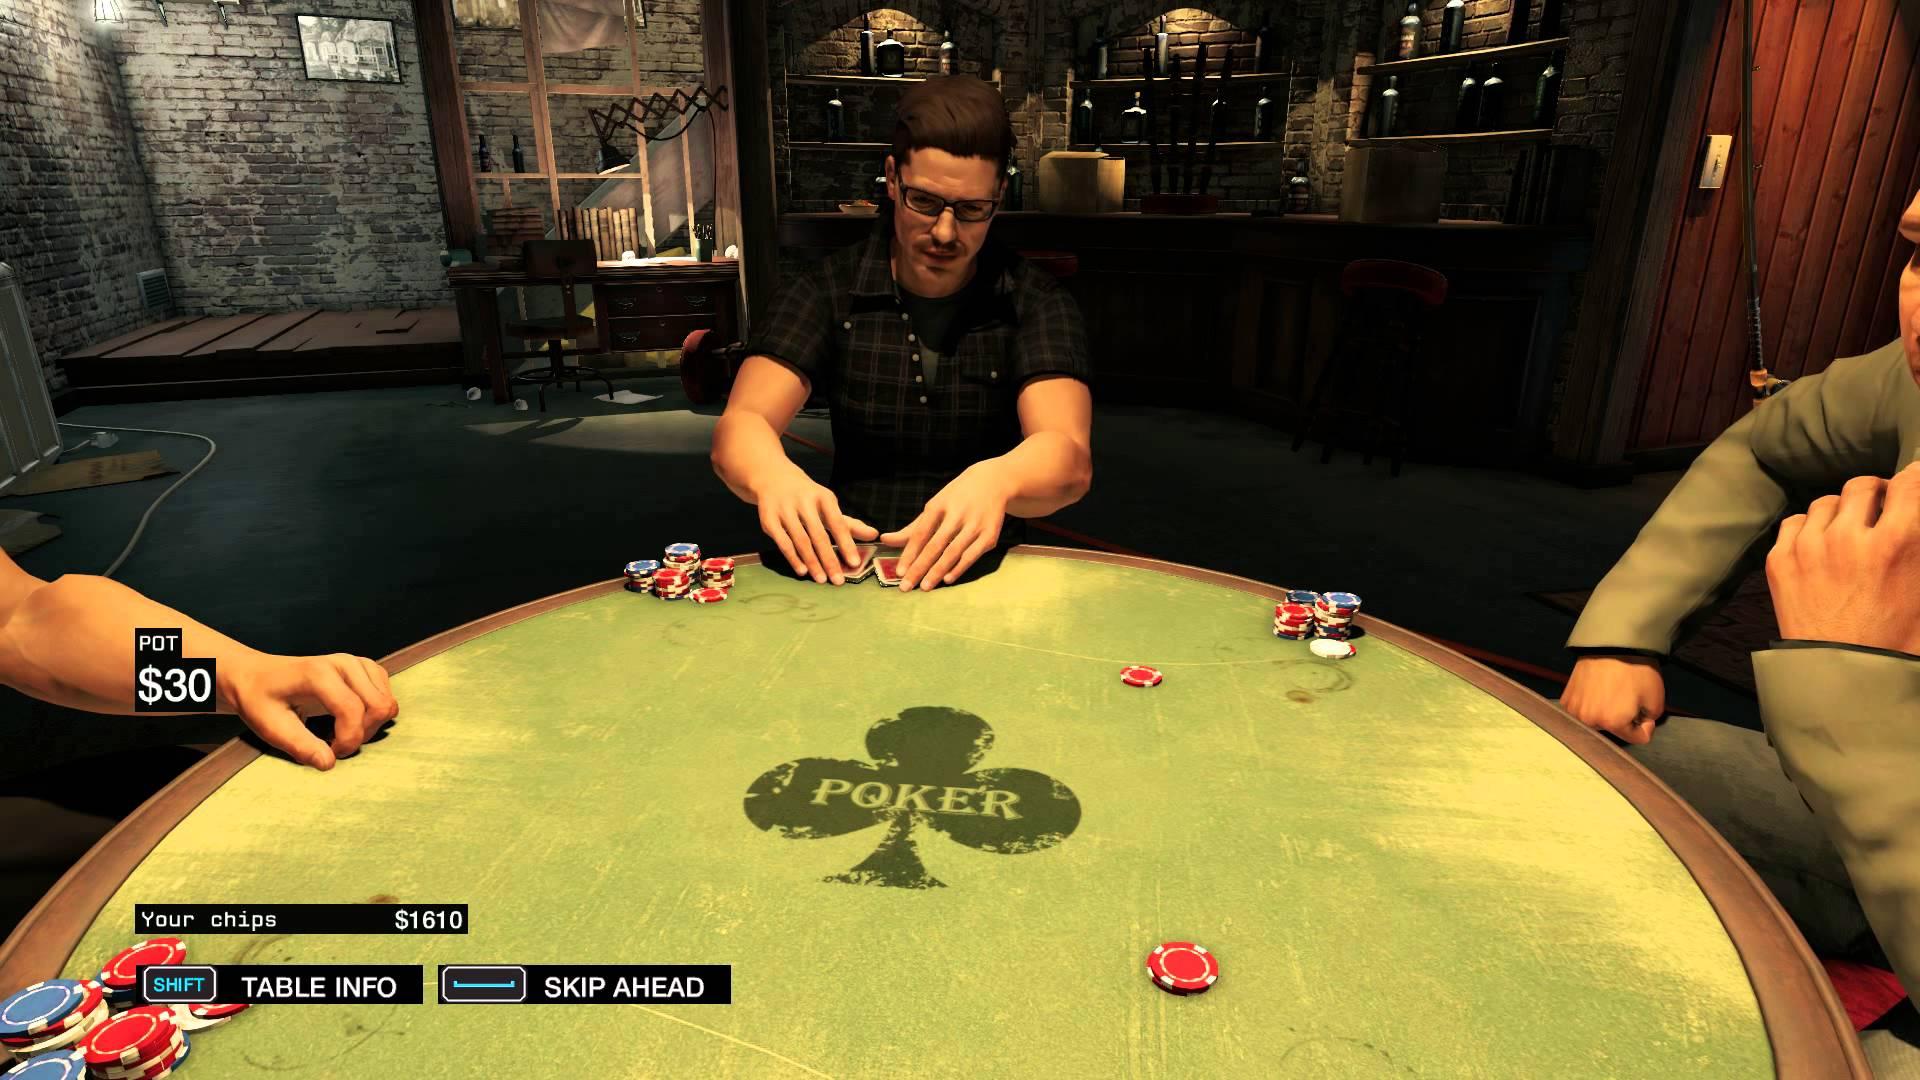 لعبة البوكر كازينو - 58542